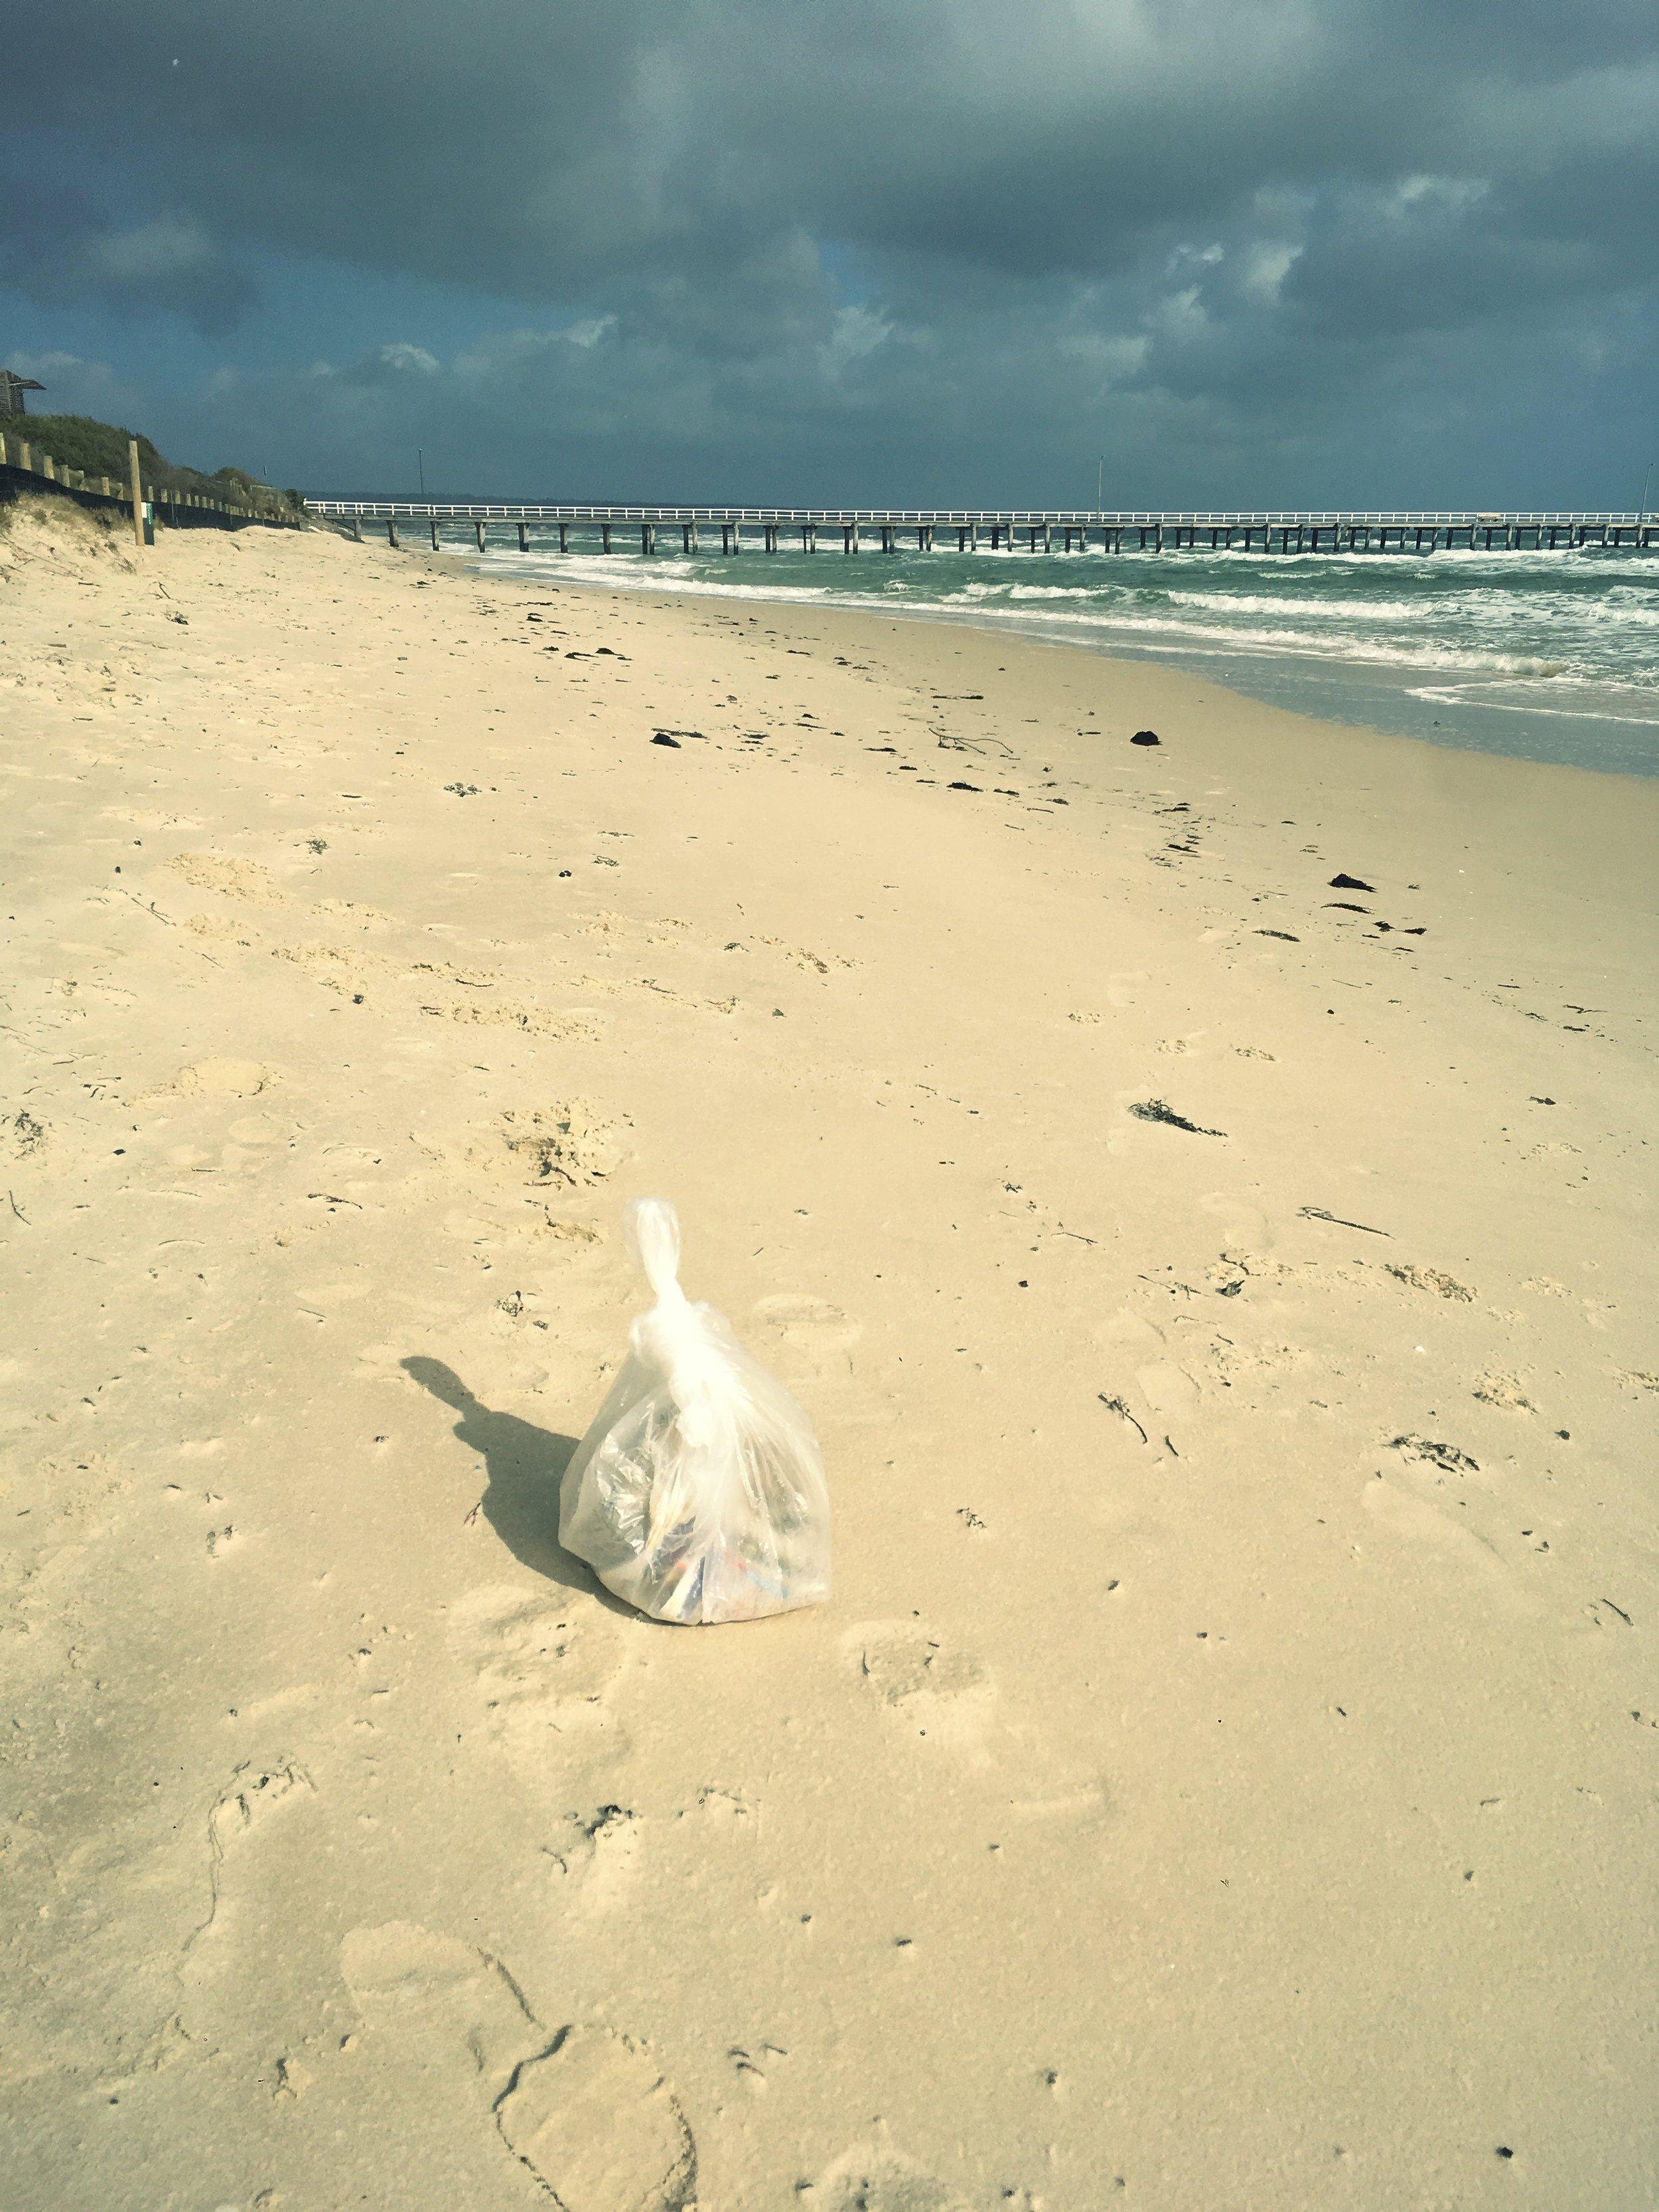 RUBBISH COLLECTED AT SEAFORD BEACH, VICTORIA, AUSTRALIA